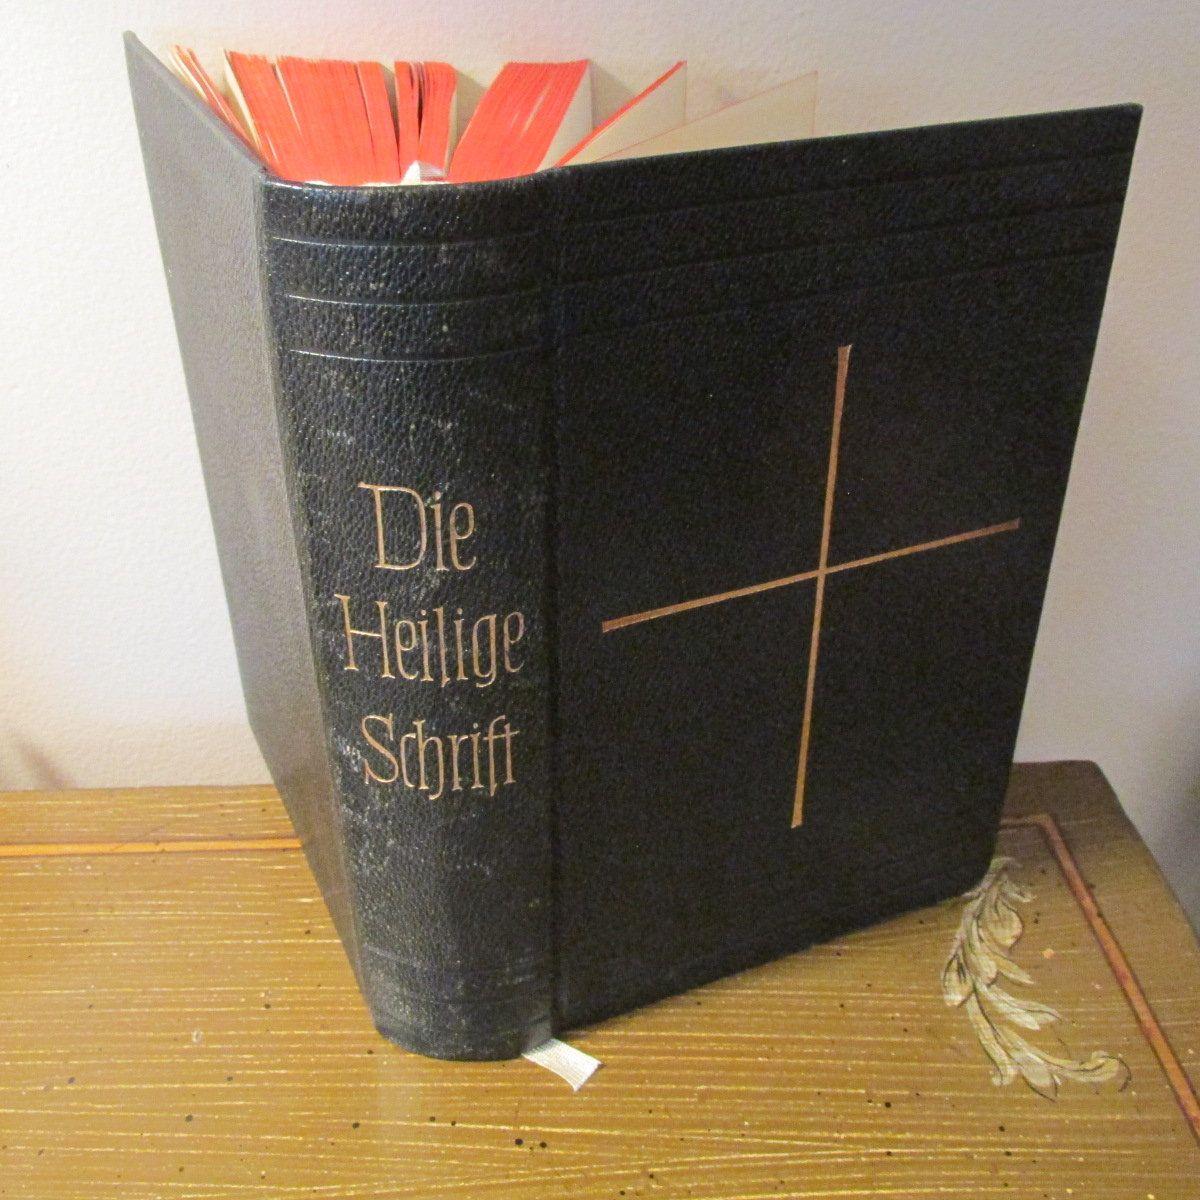 Die Bibel Oder Die Ganze Heilige Schrift, D. Martin Luthers (German Bible)